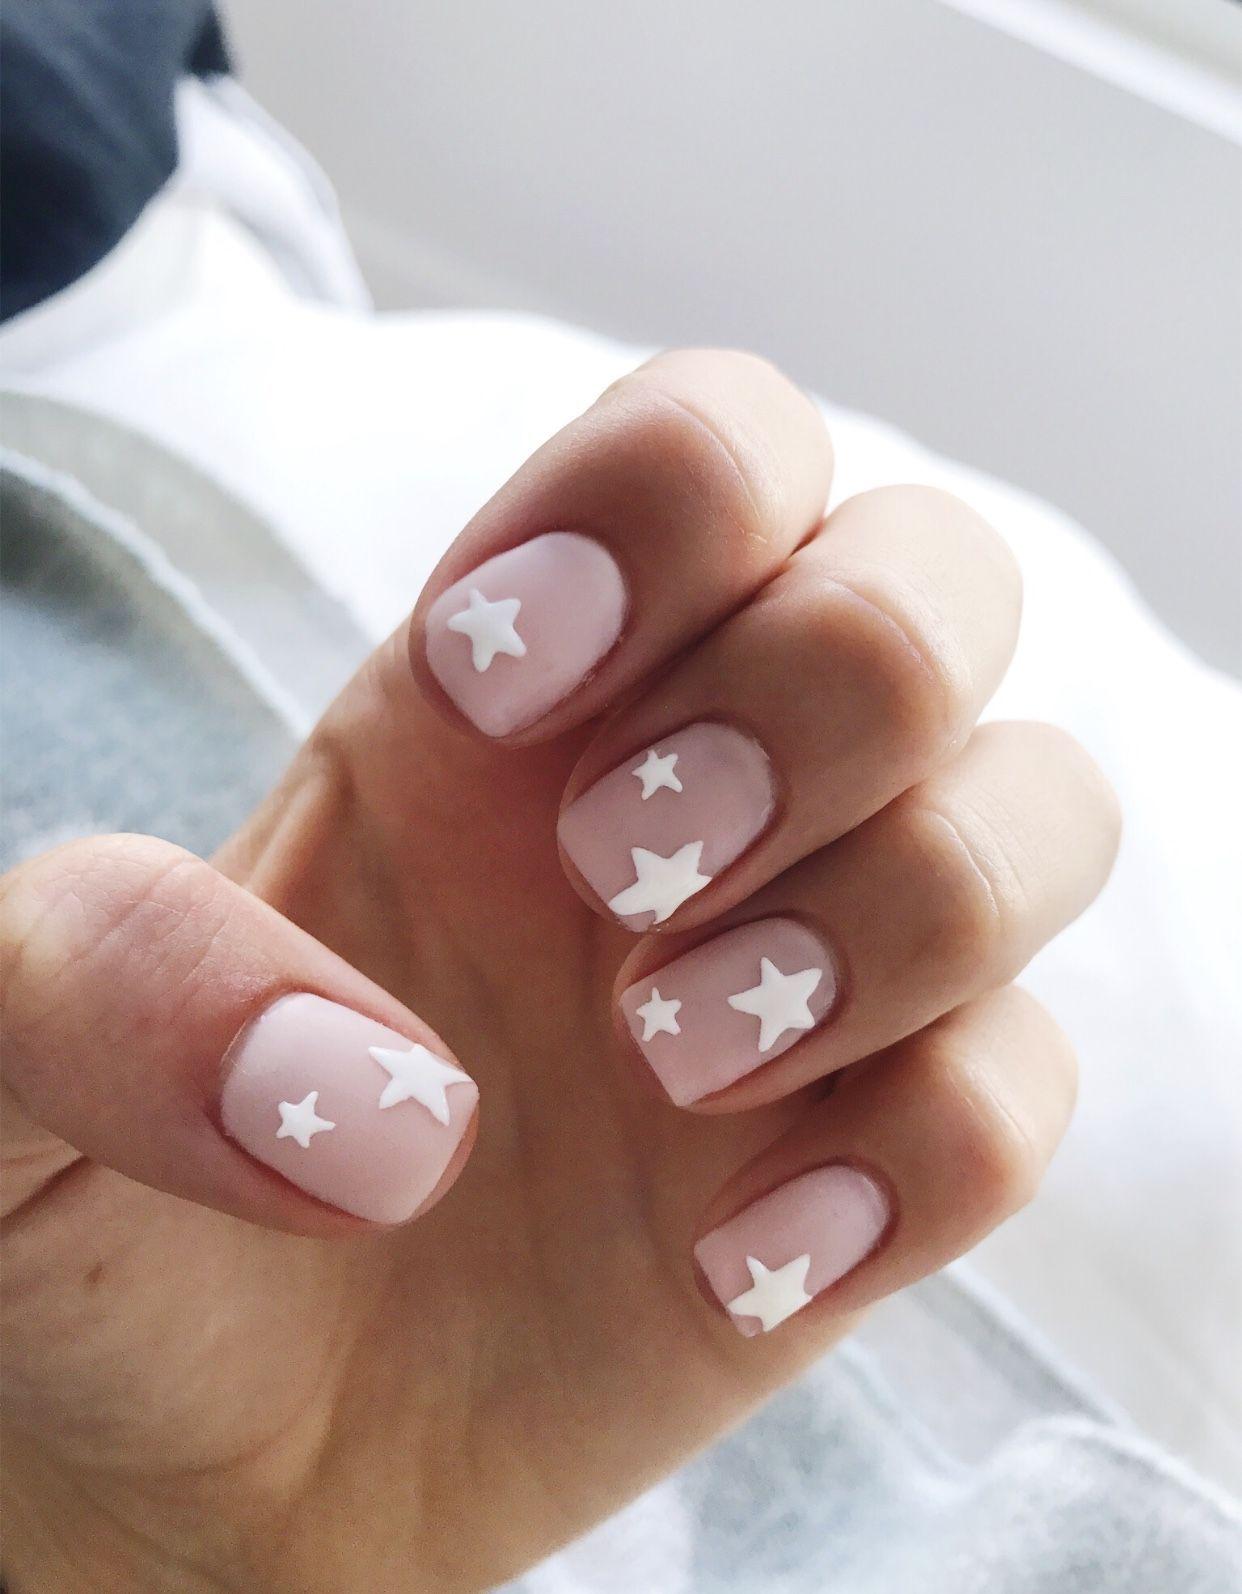 Pin By Orange Shoes On Unas 2 Star Nails Star Nail Art Pink Nails